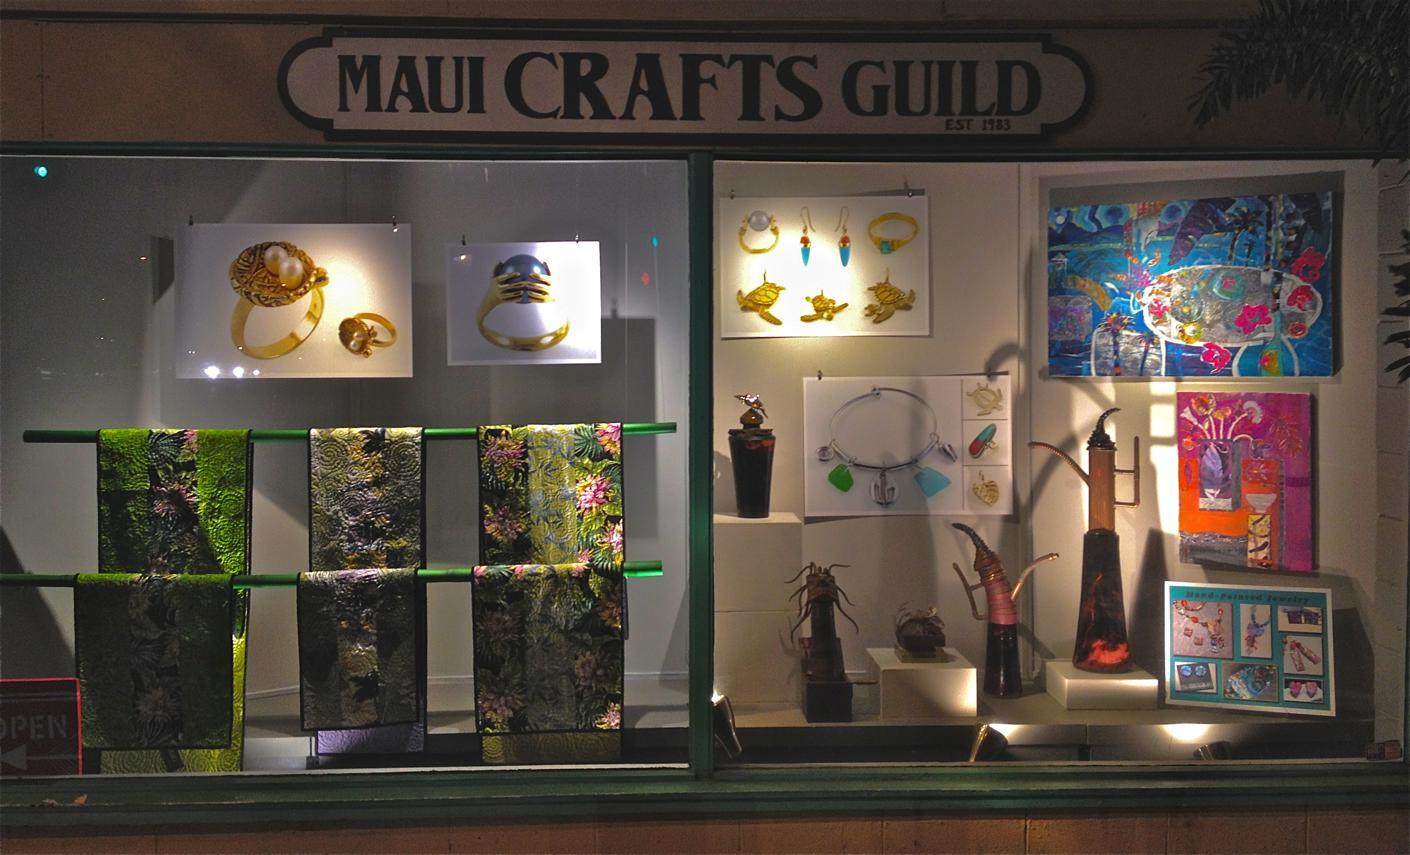 Maui Crafts Guild 1392.jpg